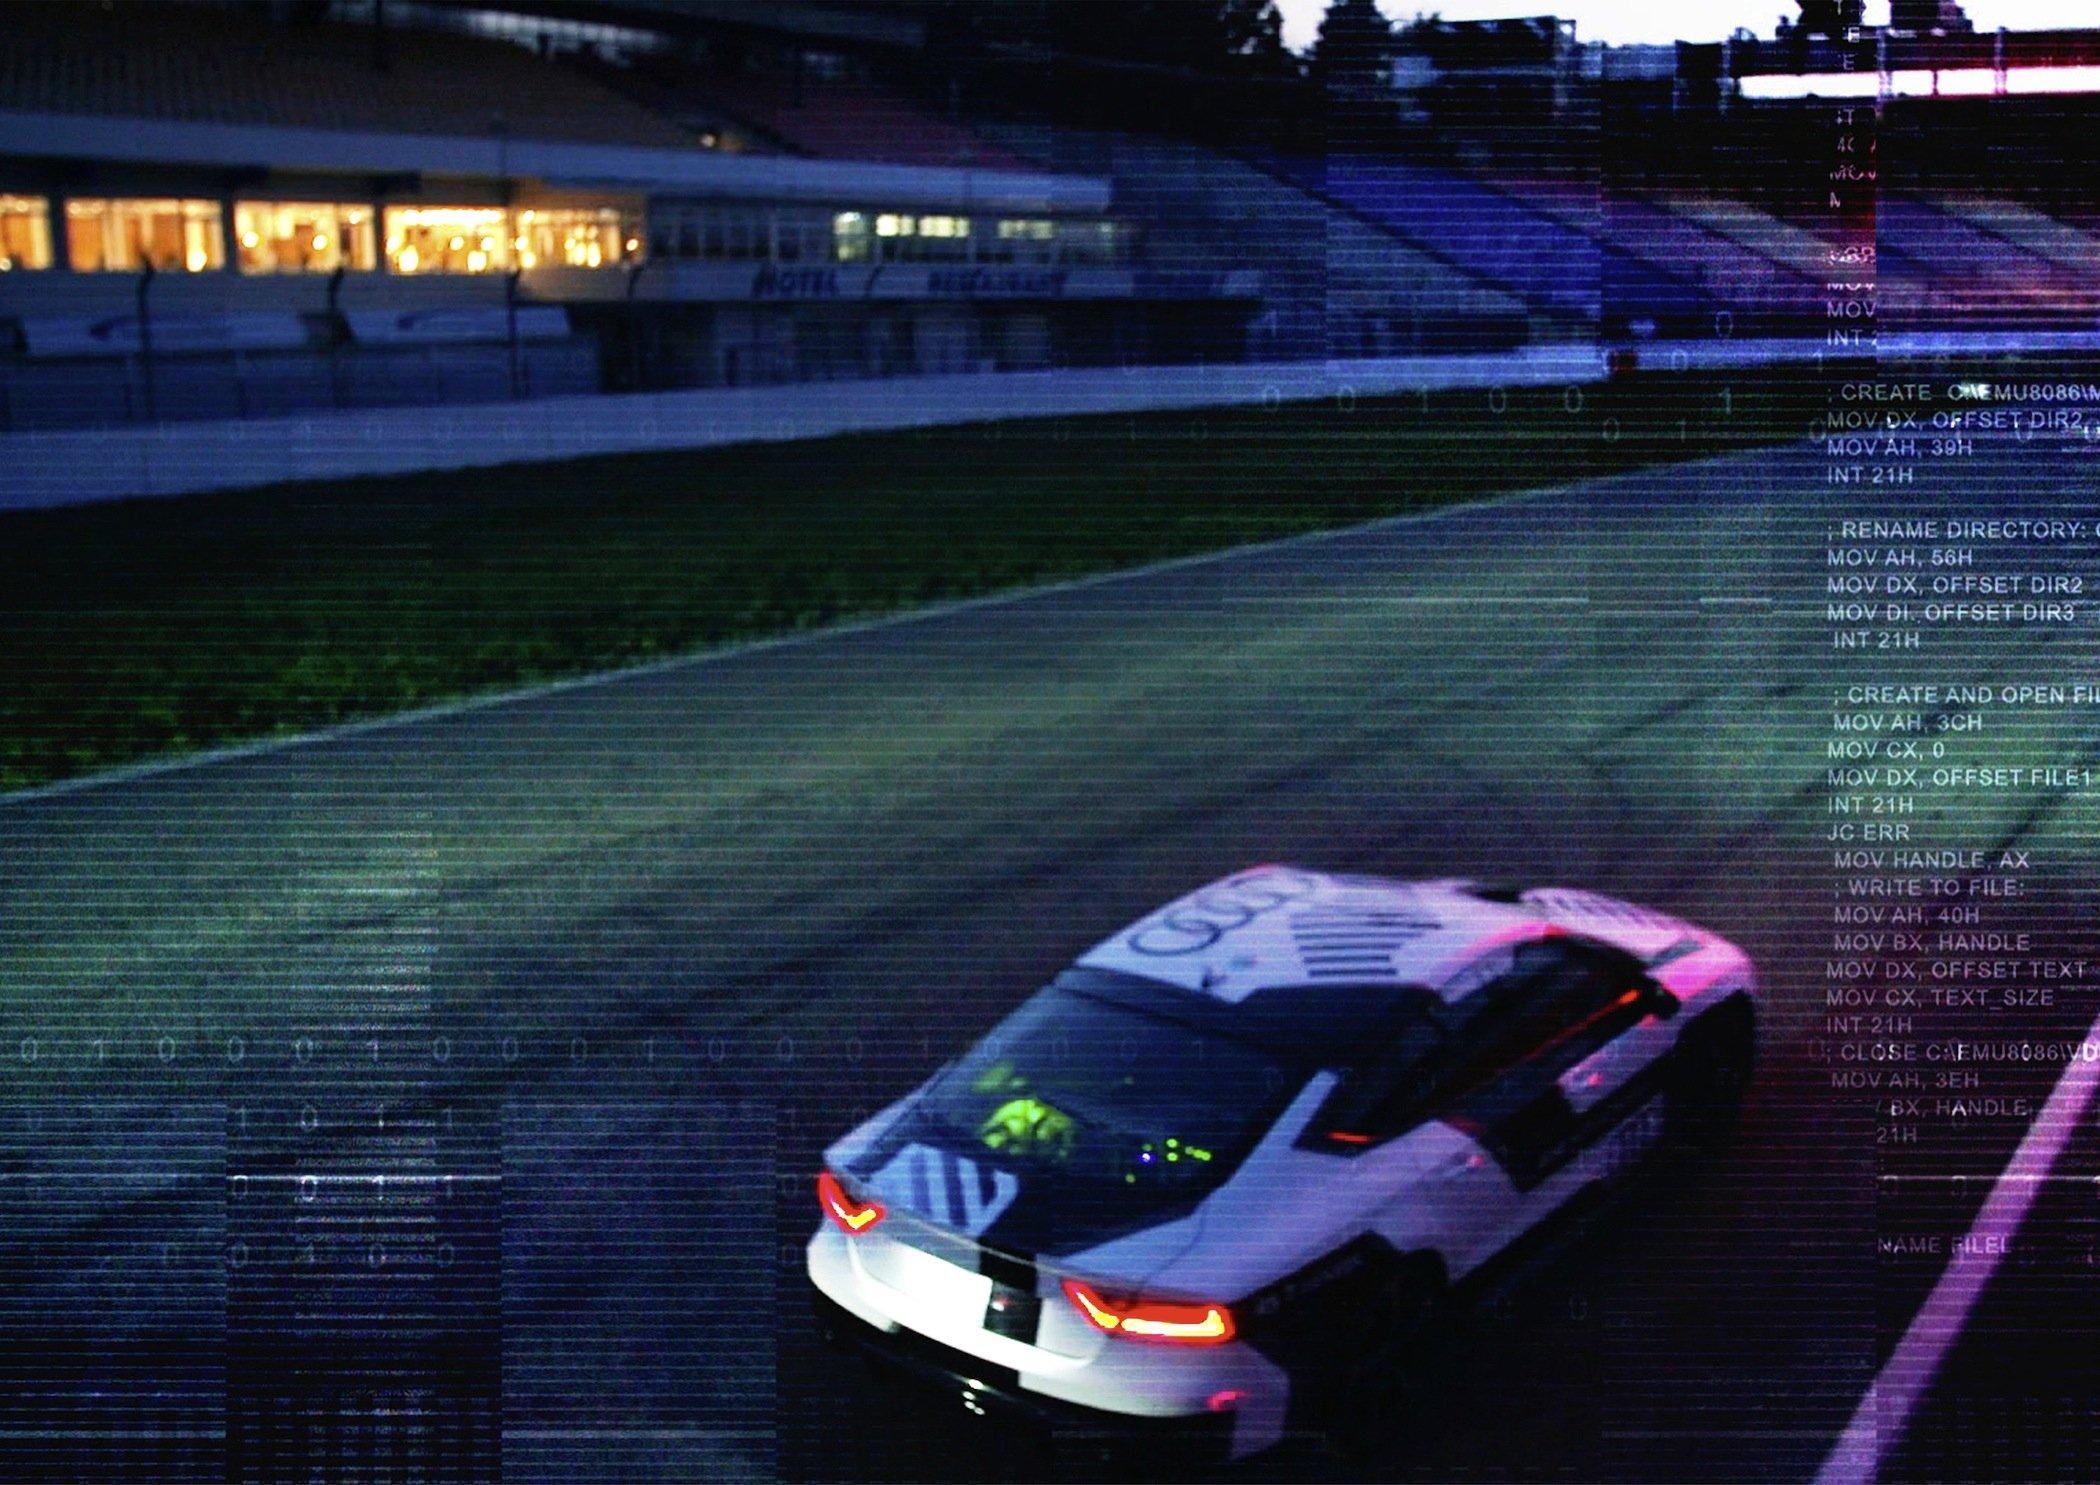 Audi will jetzt erstmals das autonome Fahren auf einer Rennstrecke ohne Fahrer testen.